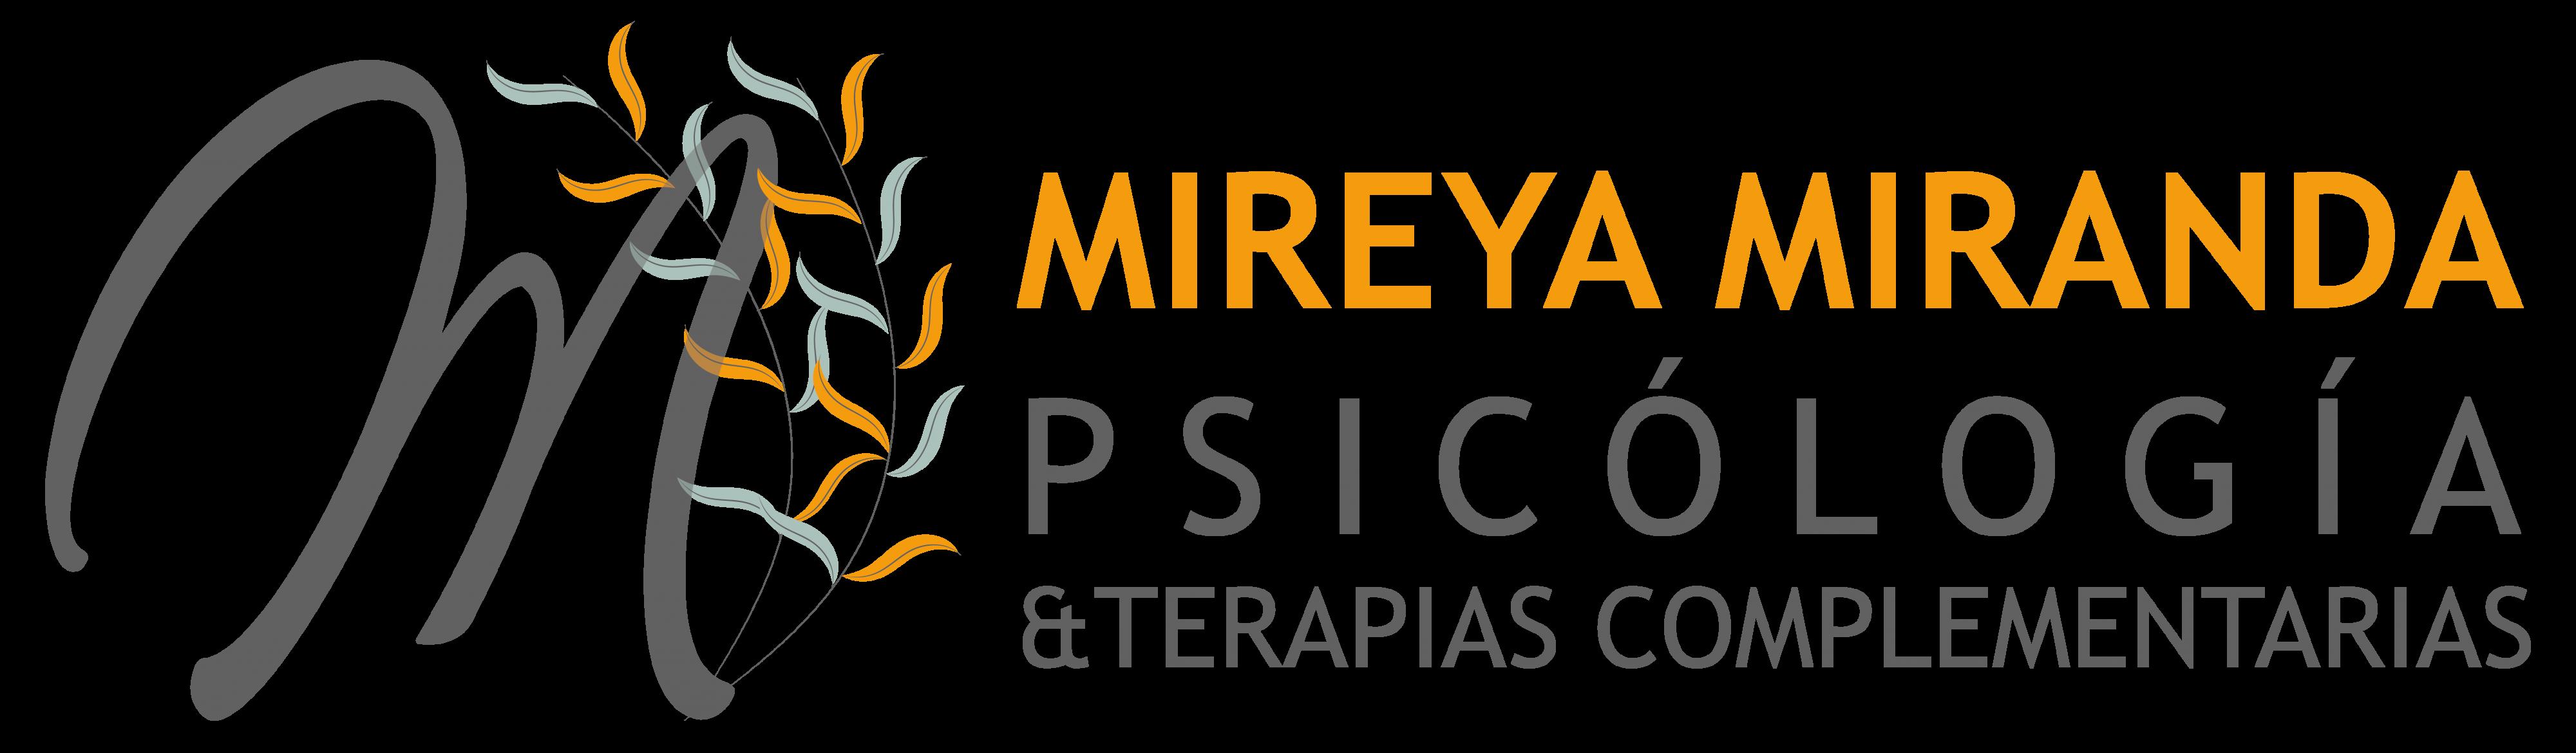 Mireya Miranda